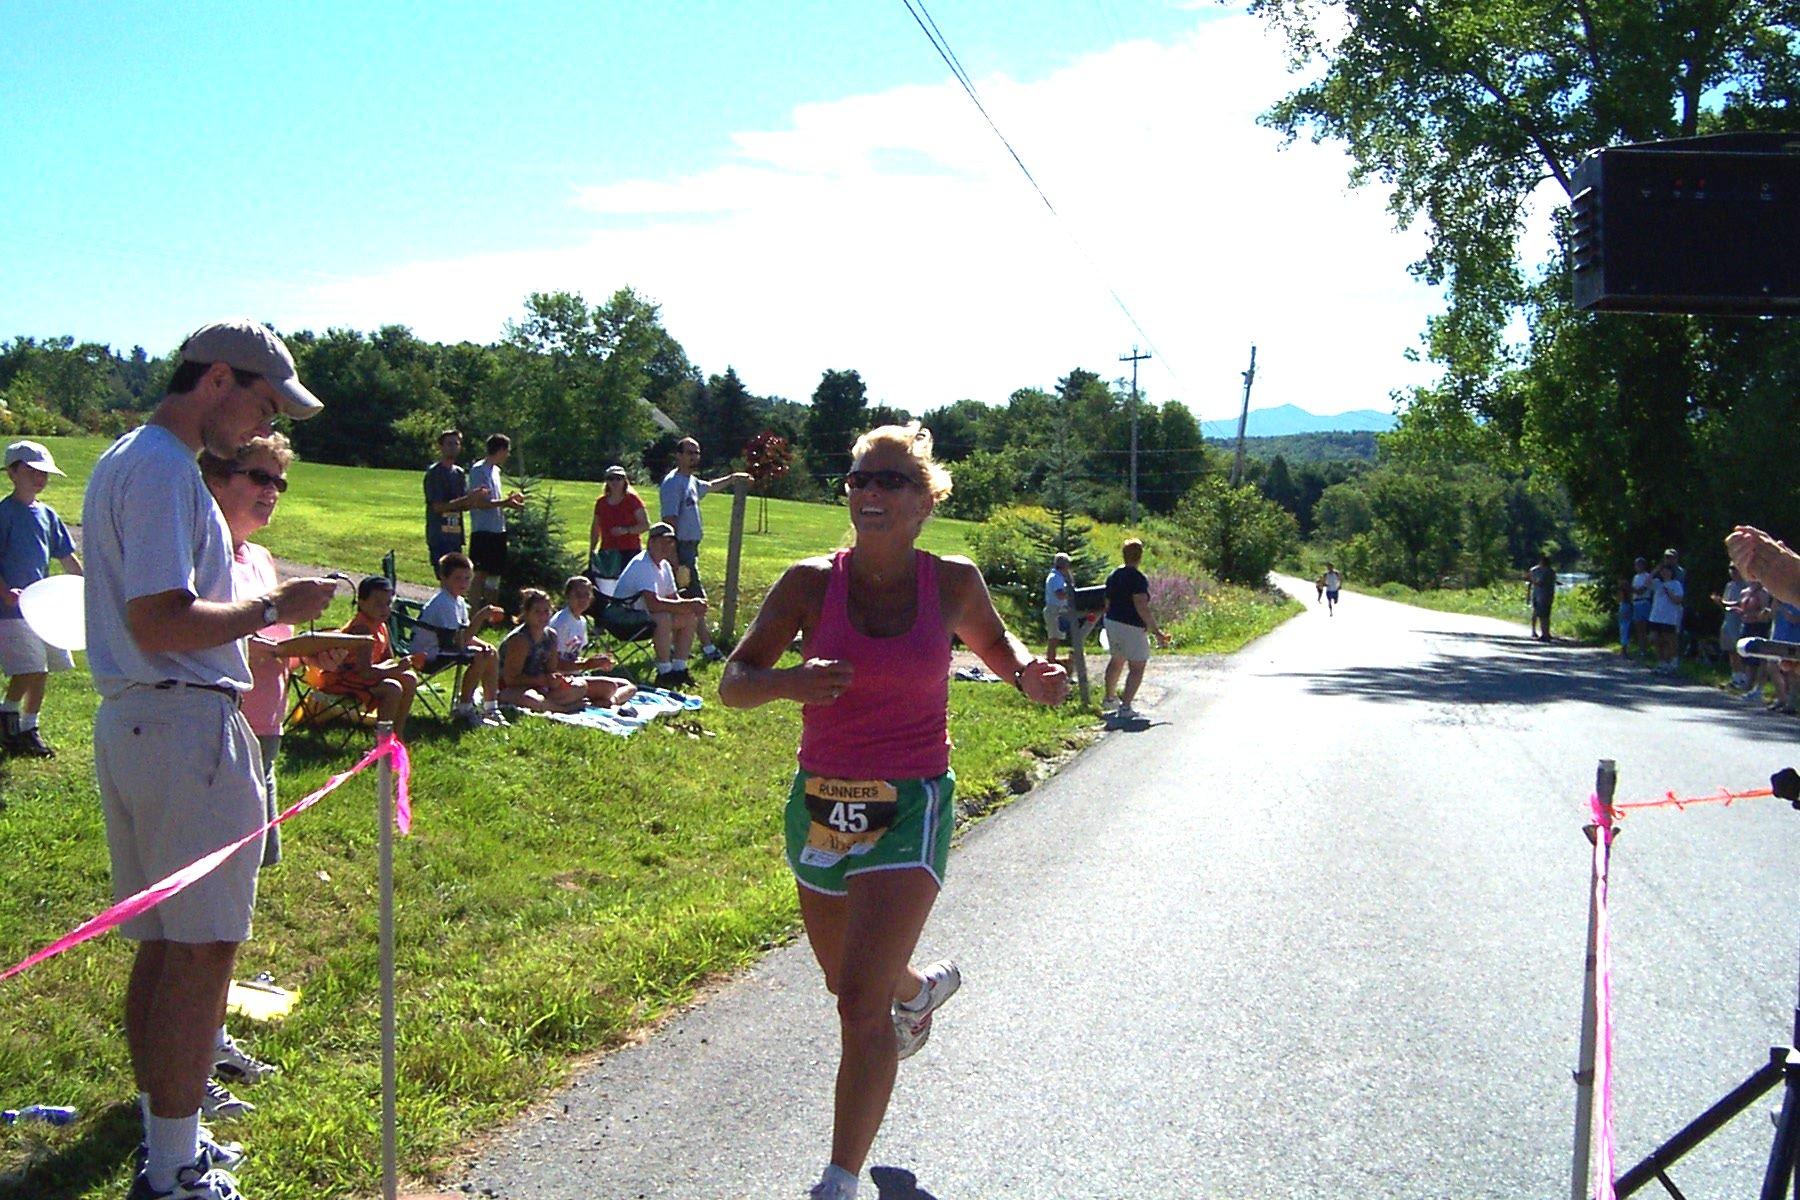 fxegg015 #45 Sheri Bashaw Female Winner of 5KR 0:20:54 Age Group 40-49